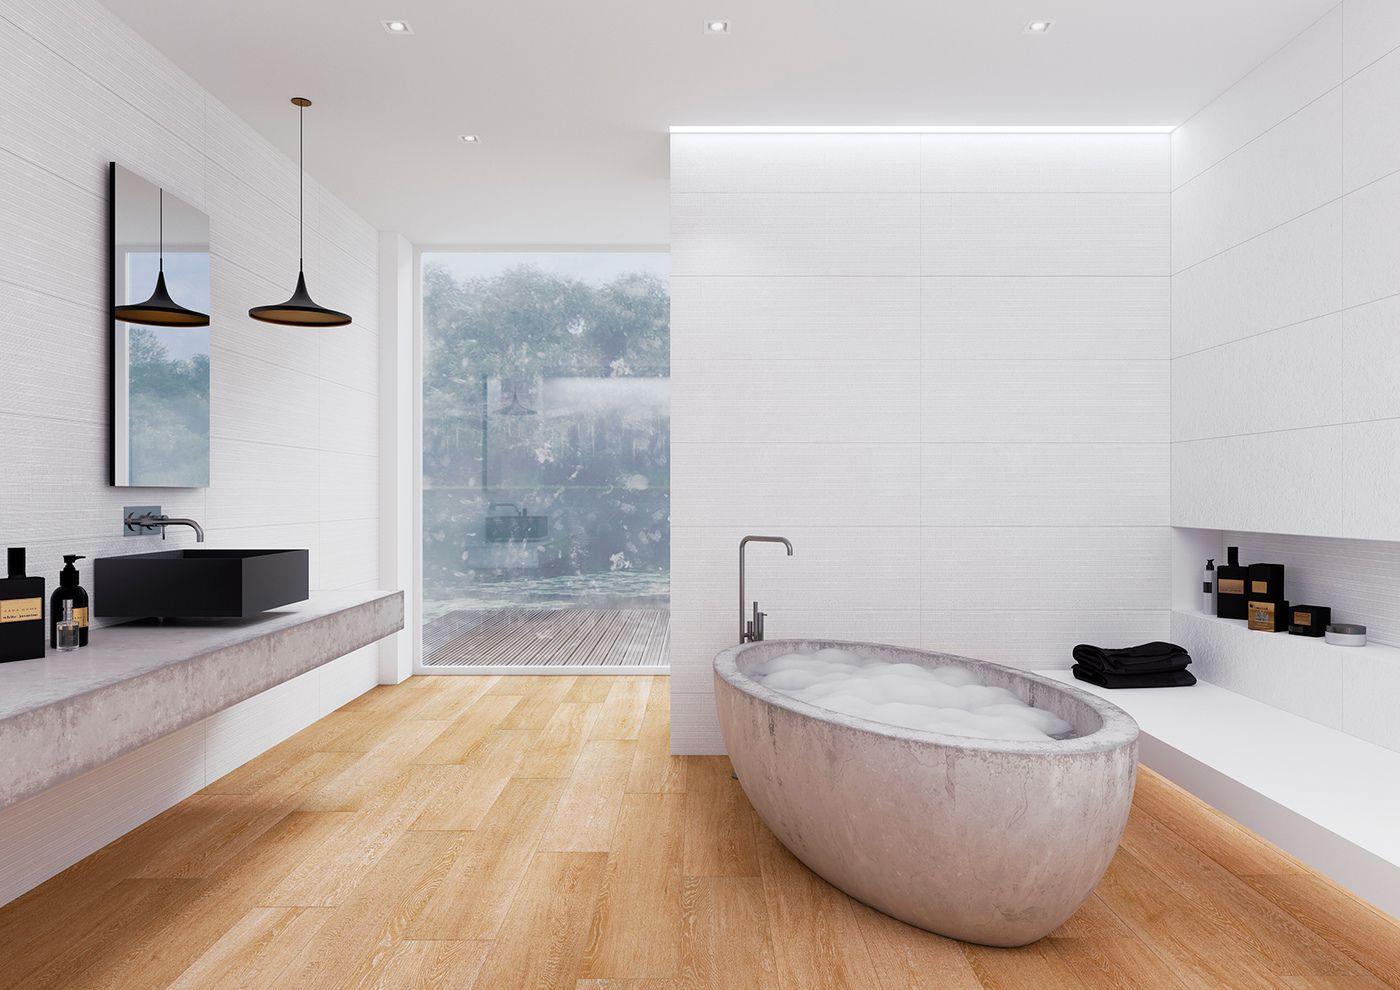 Eine Tolle Losung Fur Das Badezimmer Werden Xxl Fliesen